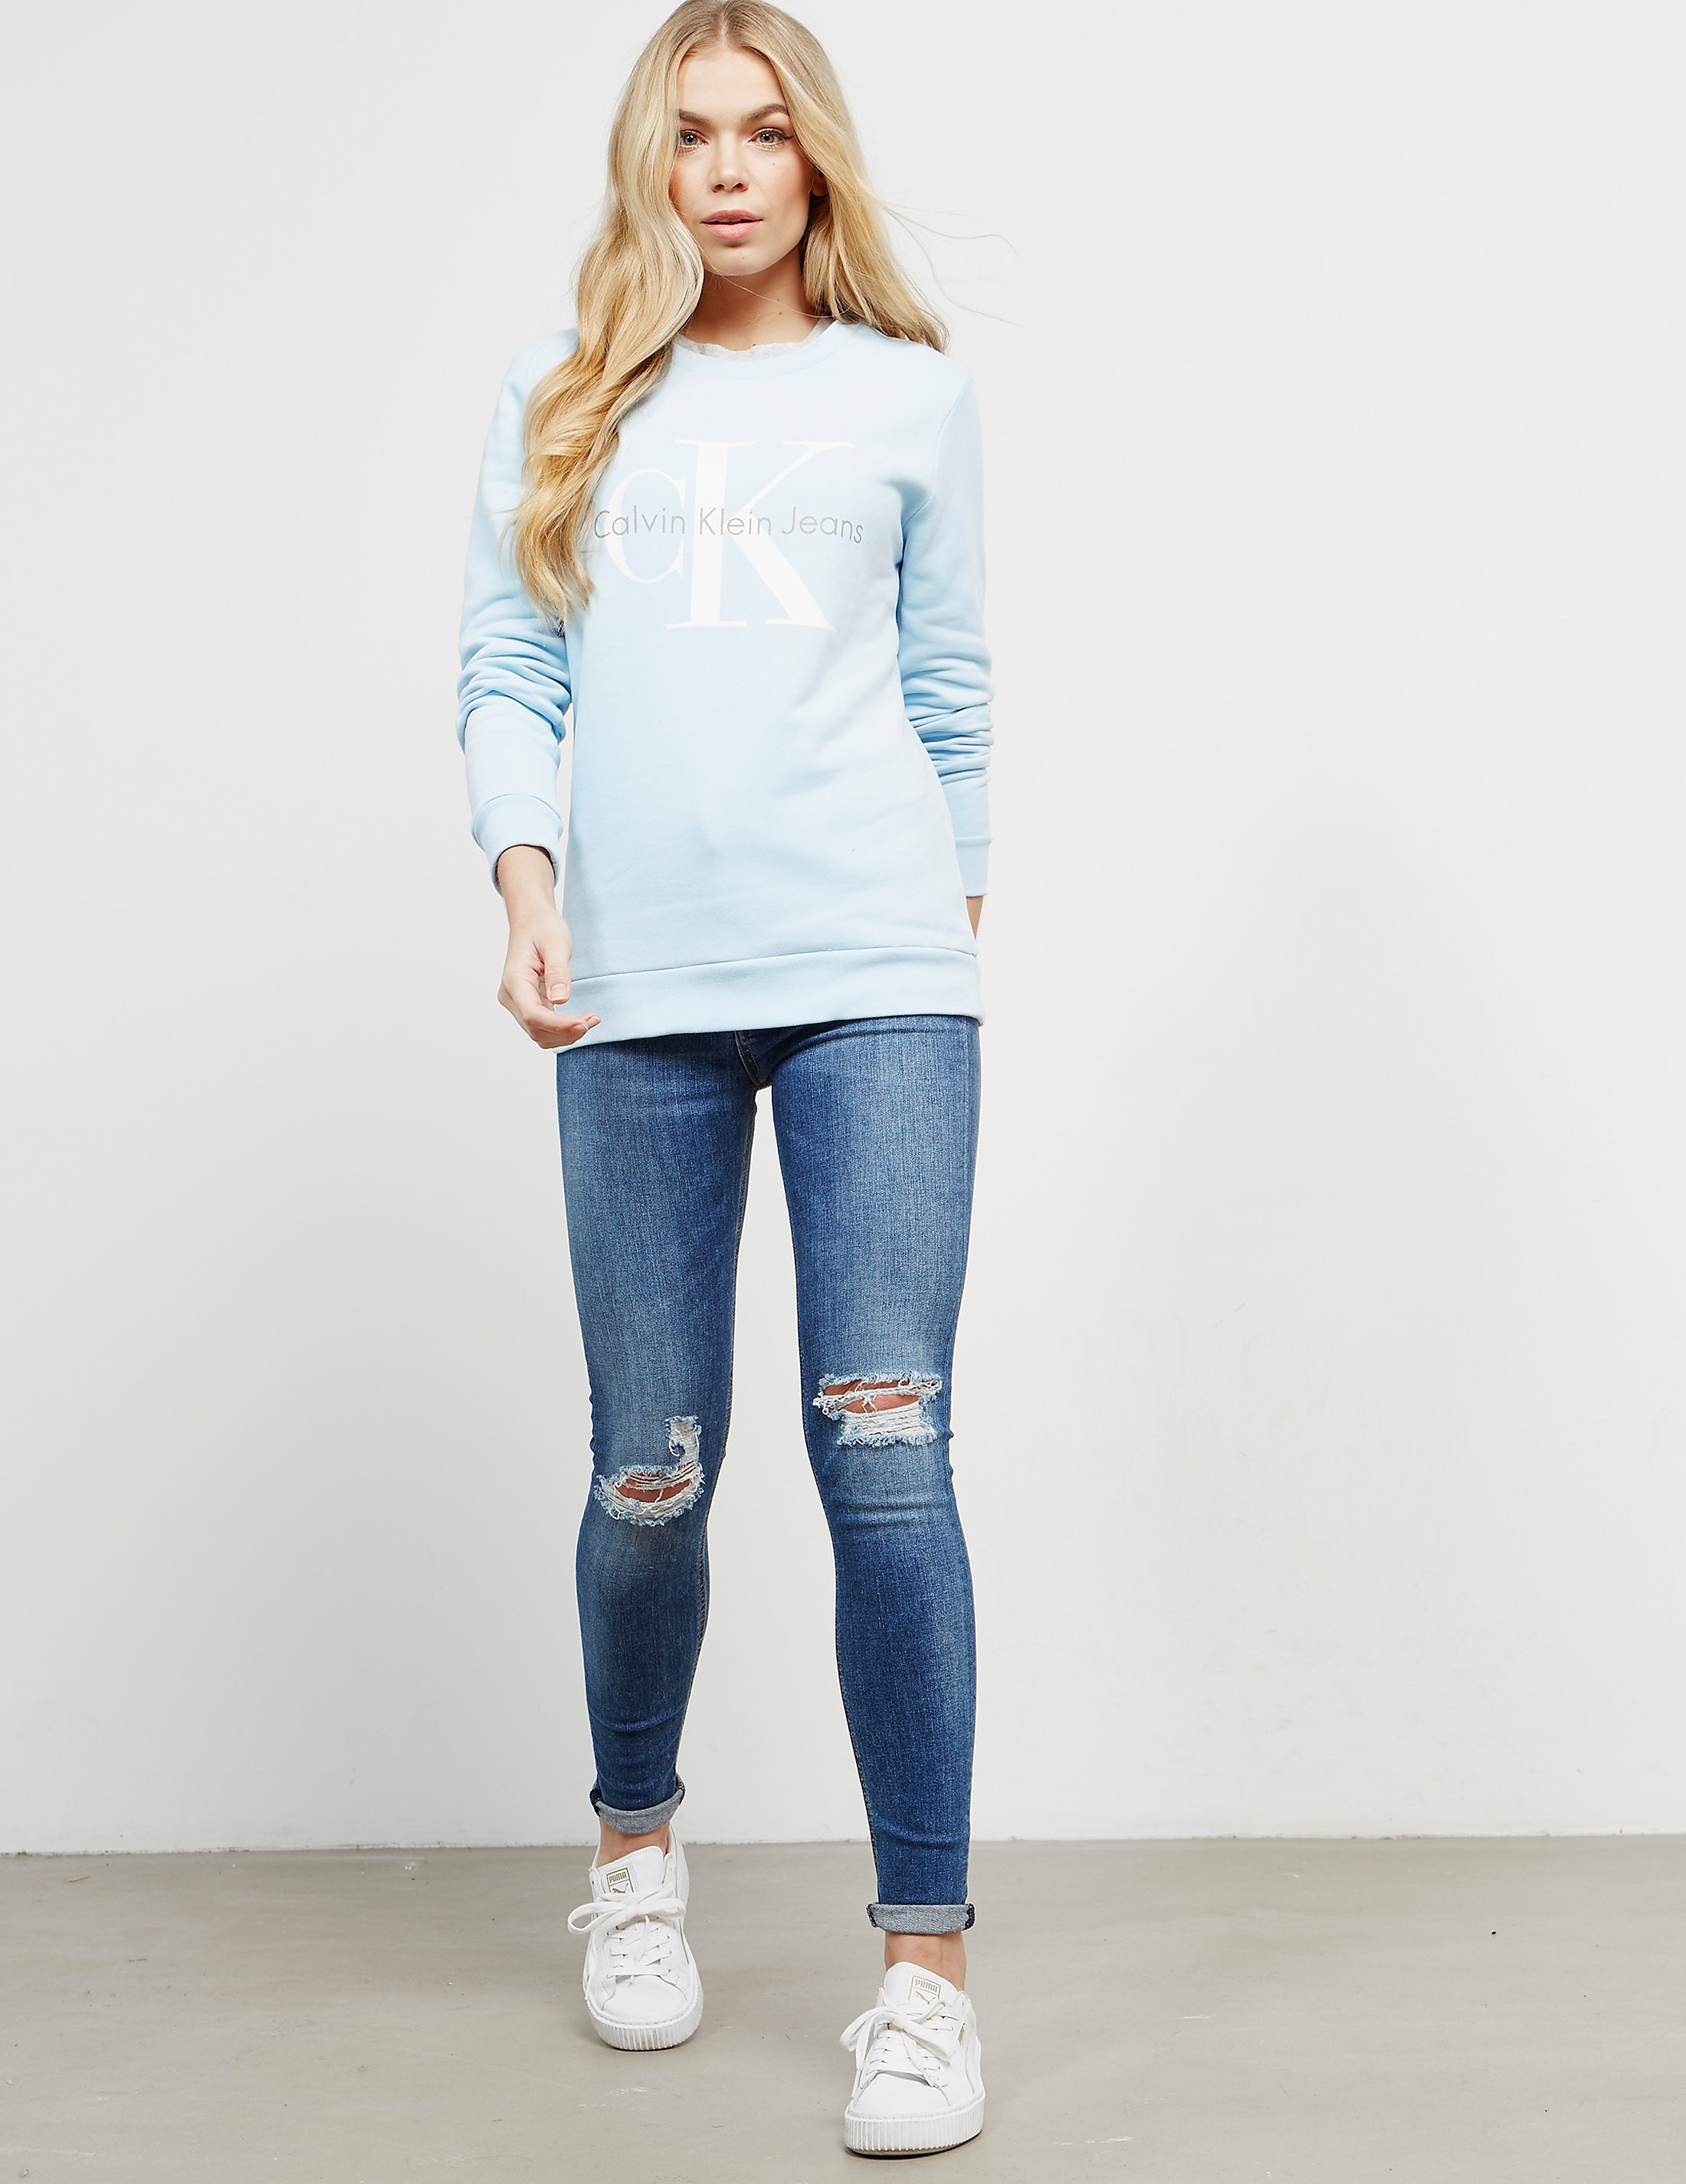 Calvin Klein True Icon Sweatshirt